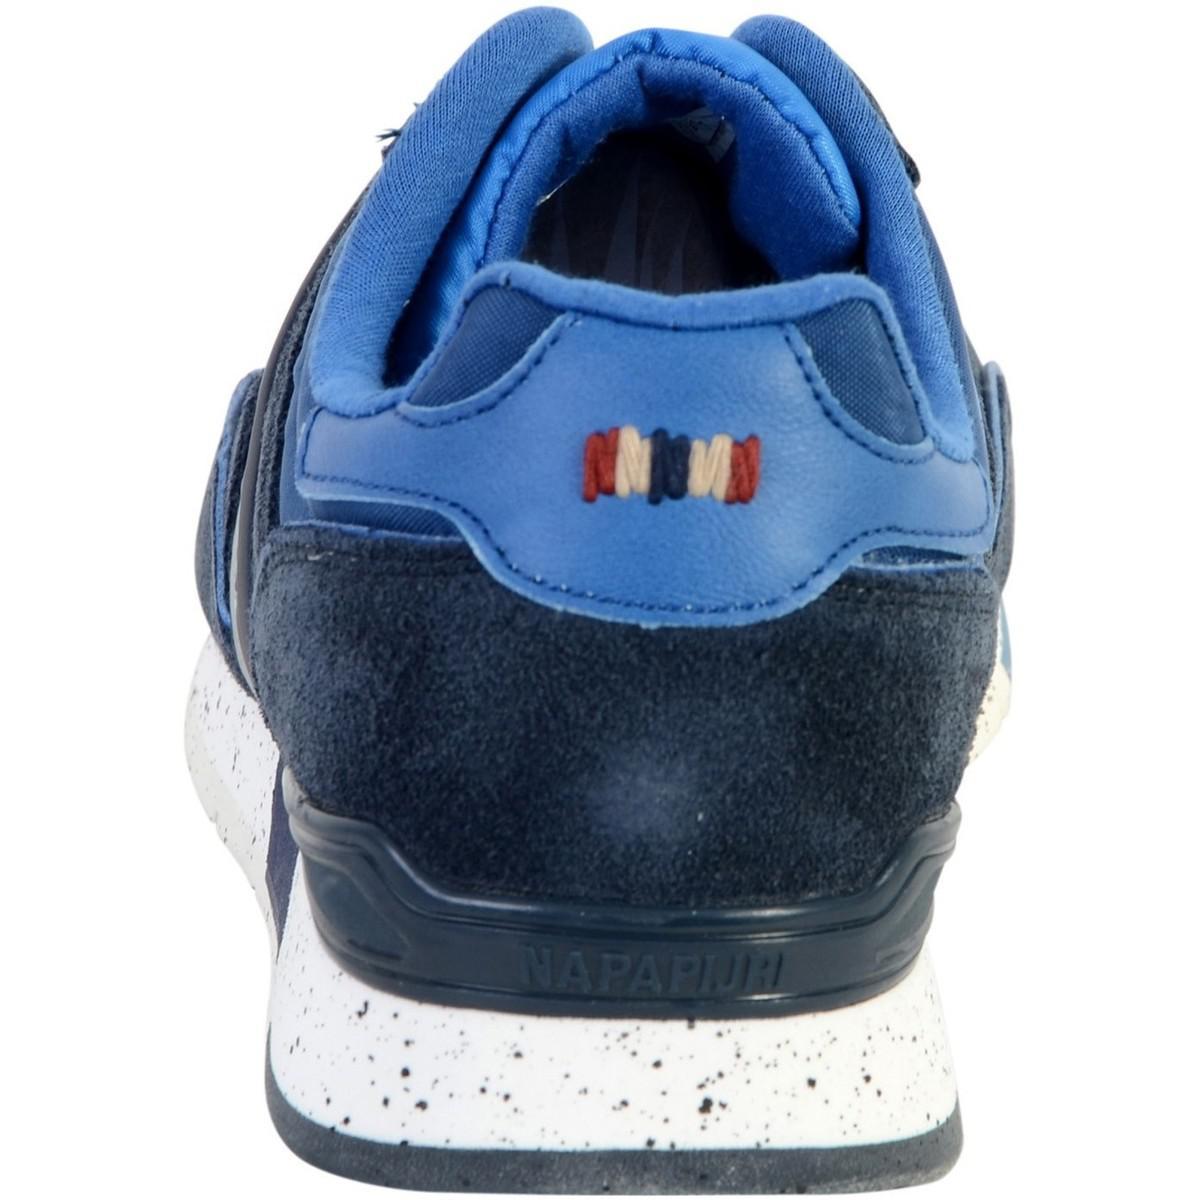 style top luxuriant dans la conception jolie et colorée Hommes Chaussures Napapijri Rabari Pour Basket Bleu En Lyst ...